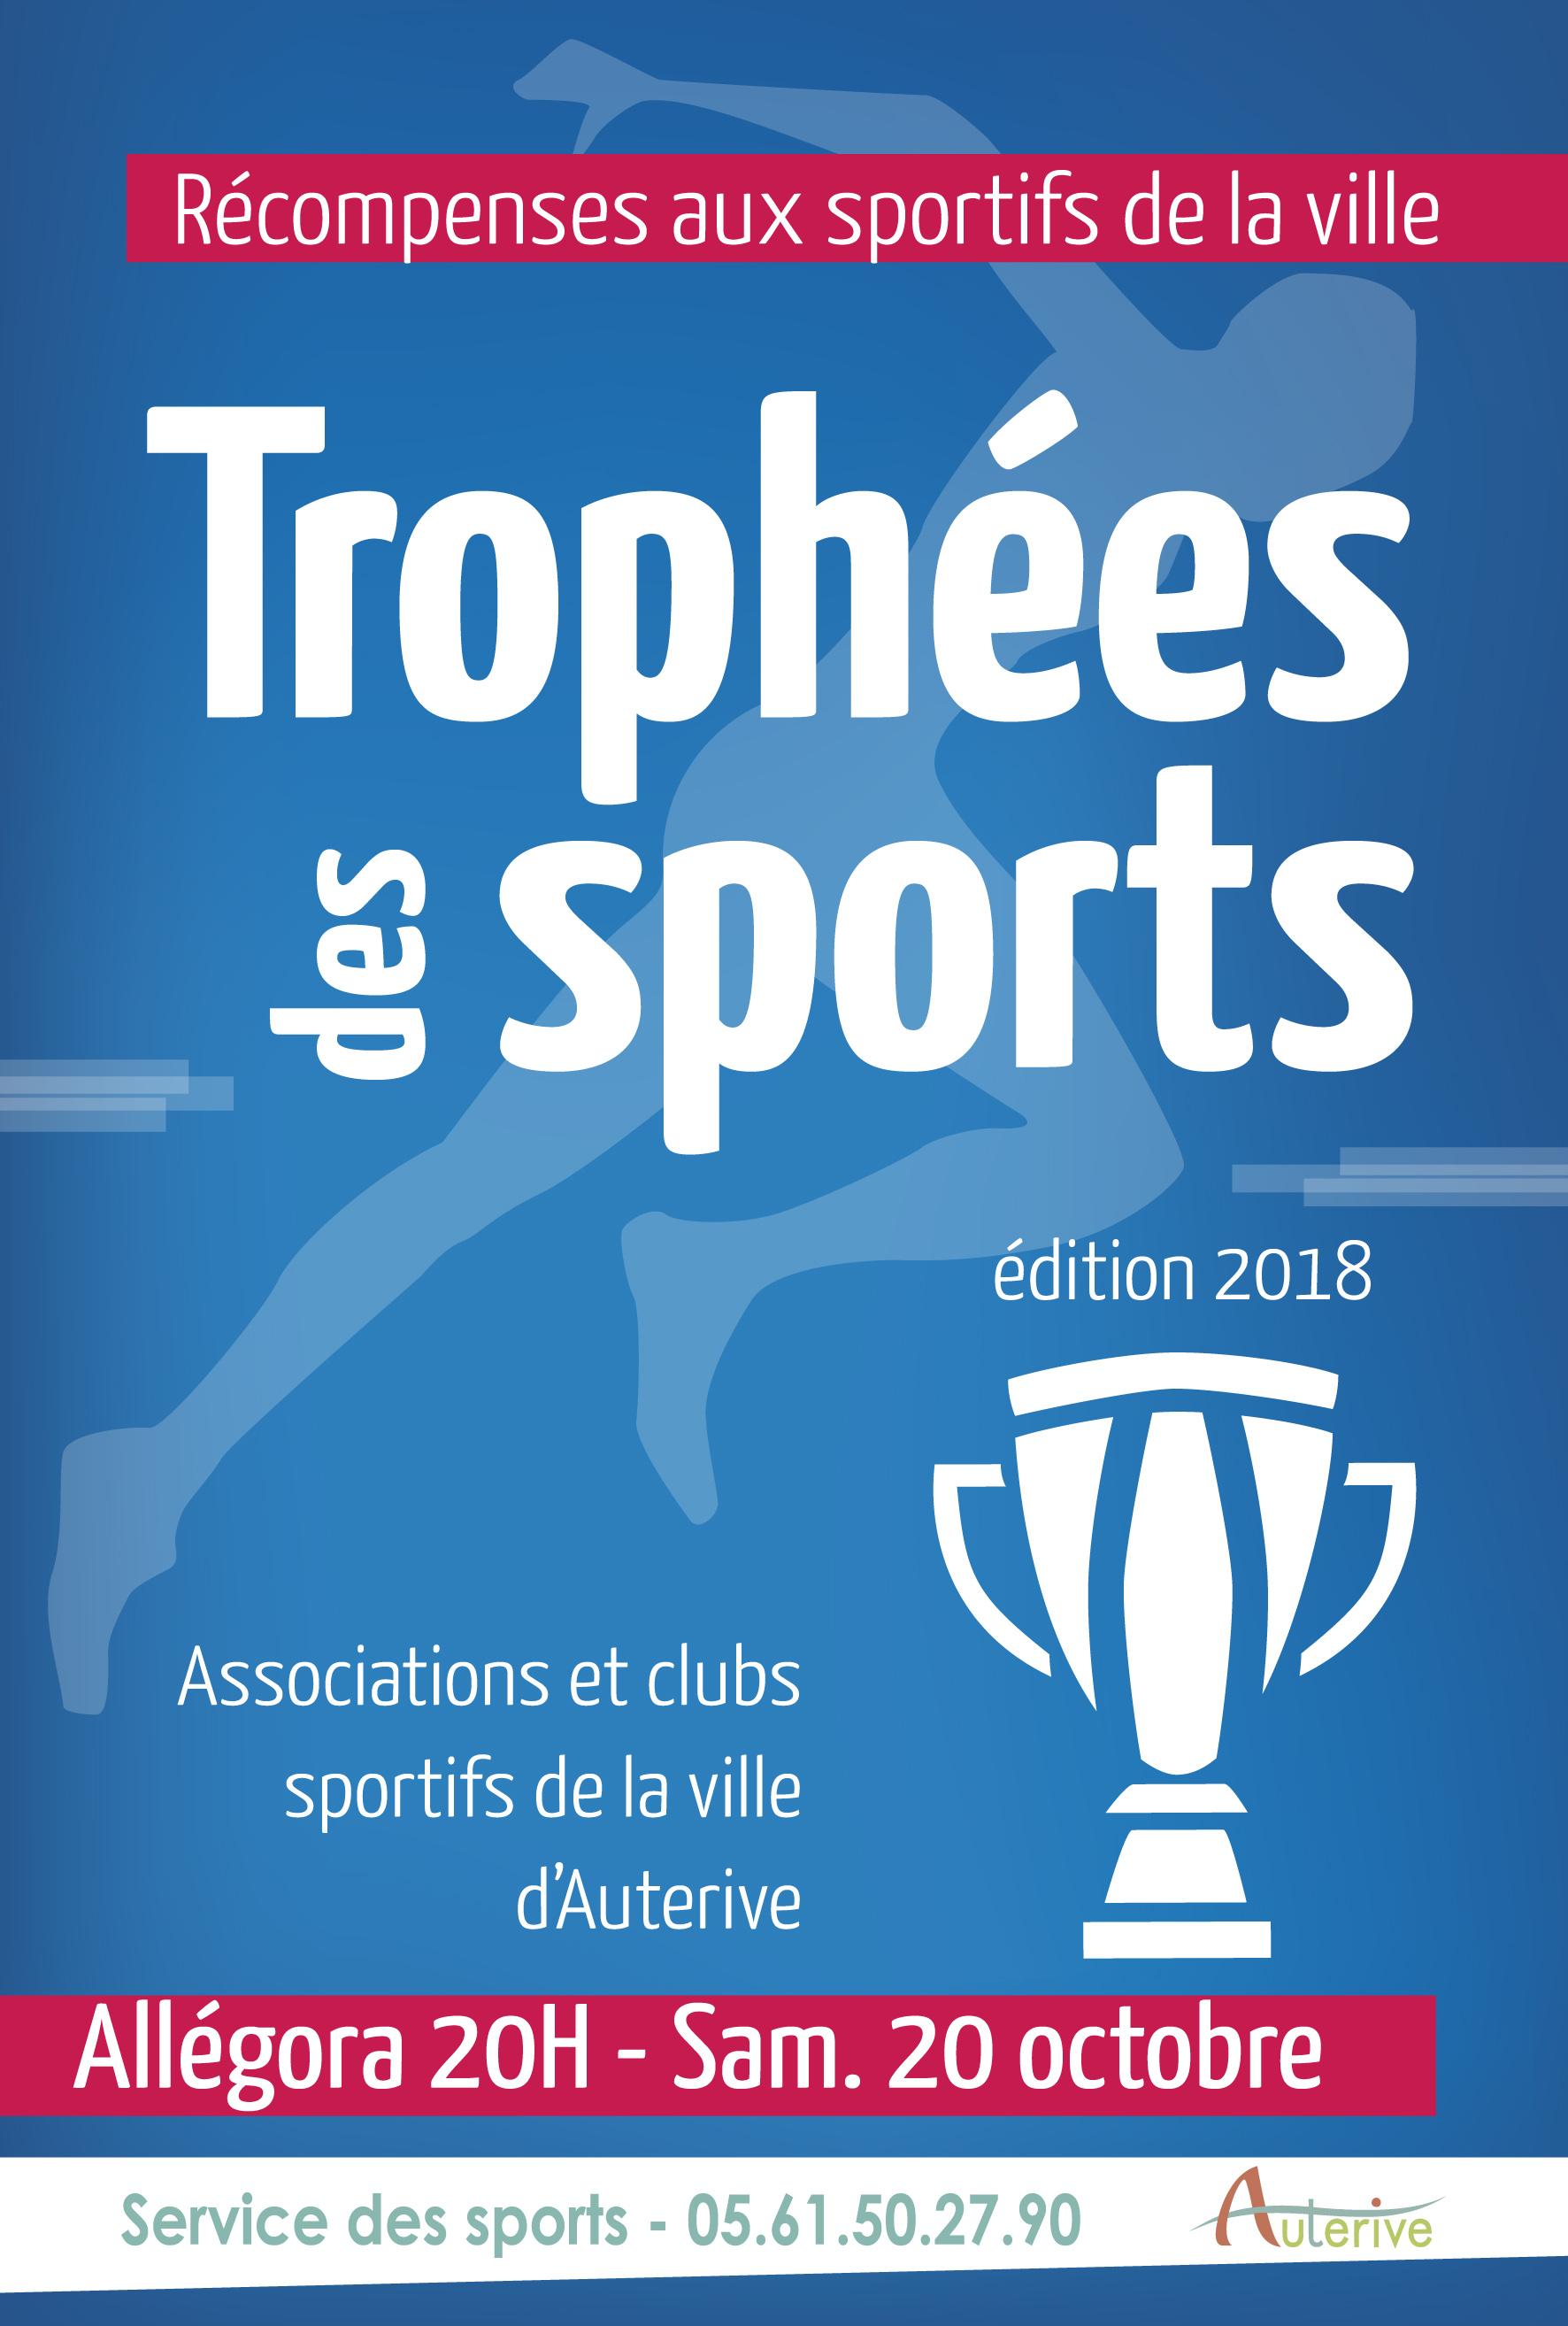 Samedi 20 octobre, la cérémonie des trophées du sport